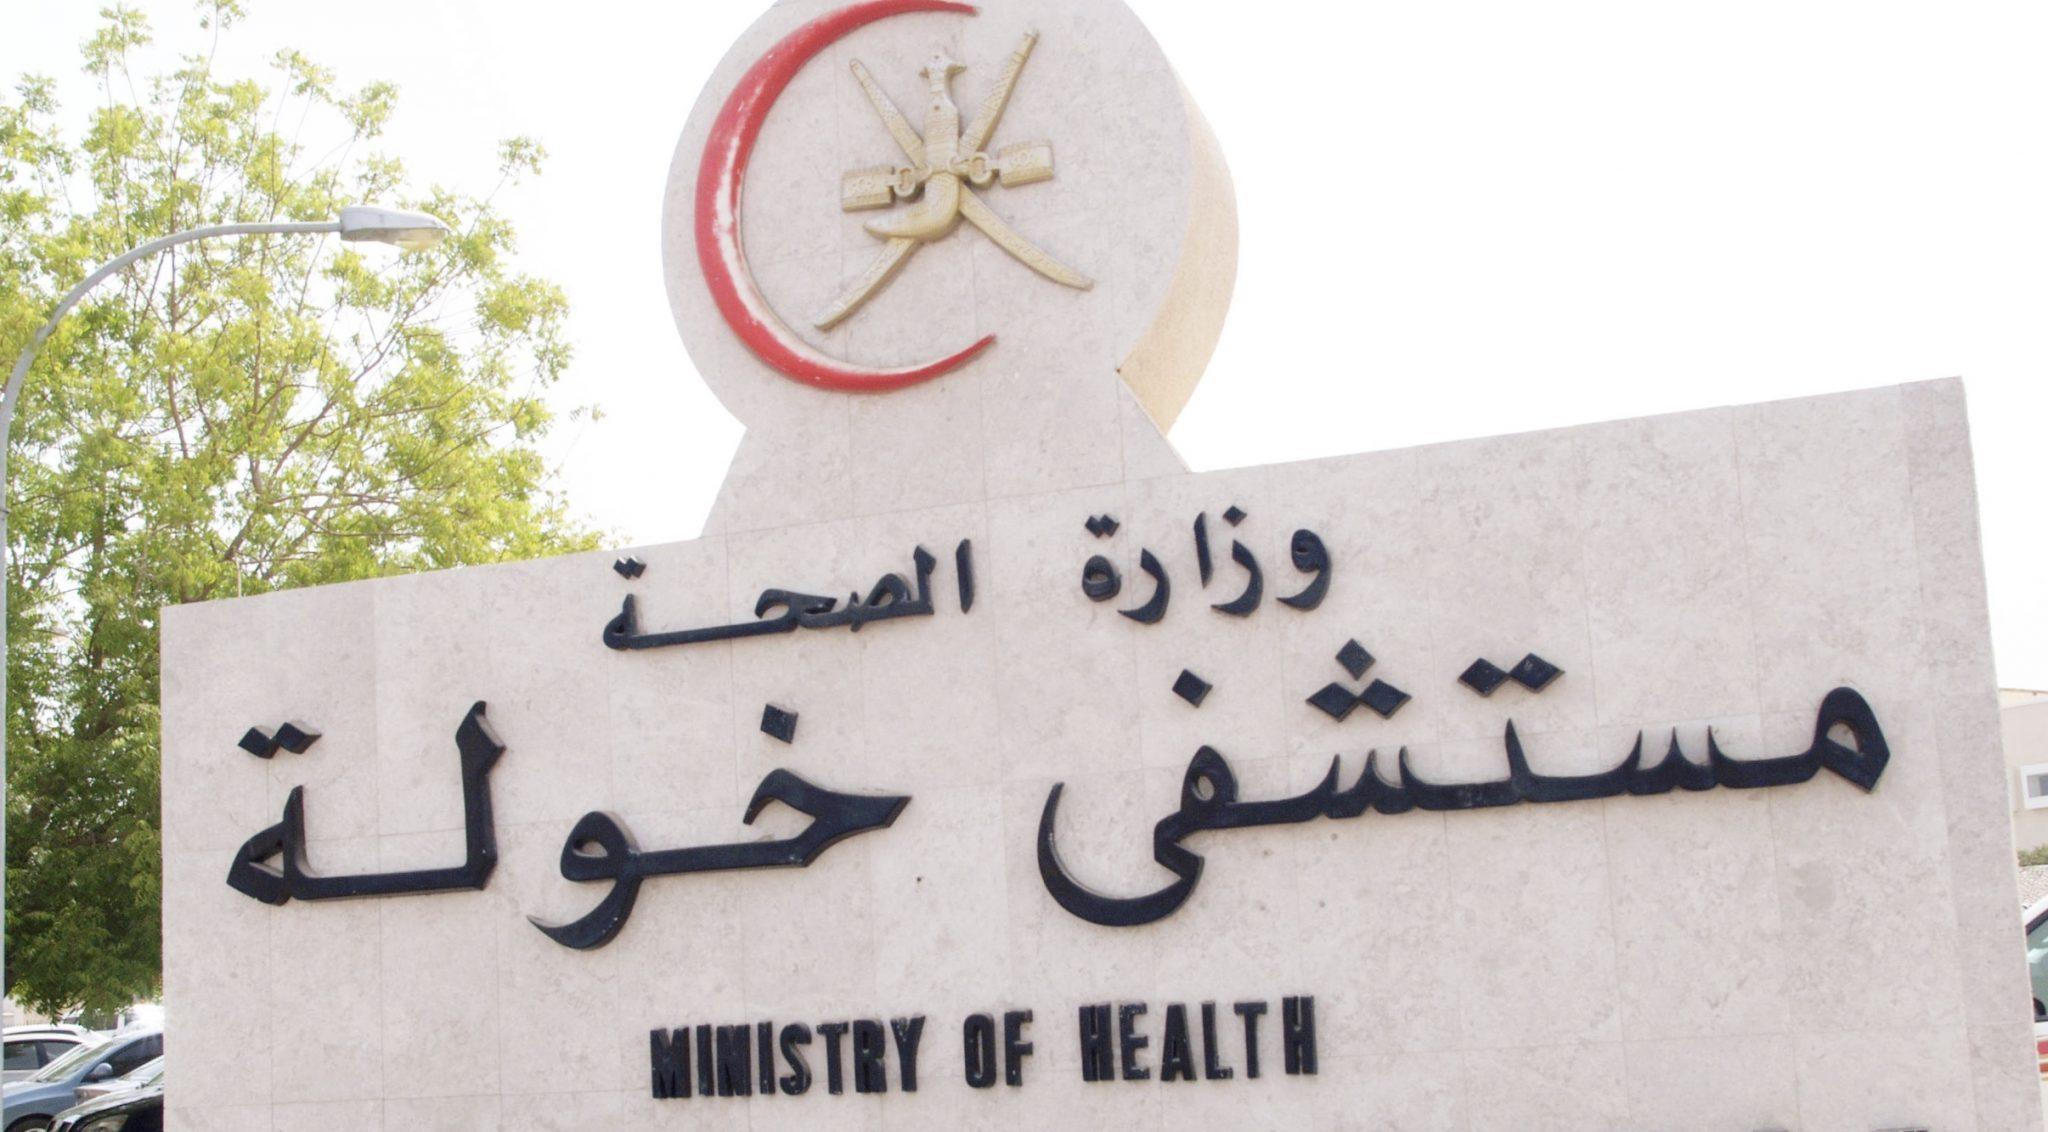 وزنه أكثر من 6 كجم .. مستشفى خولة يزيل ورم ضخم من مريض عماني